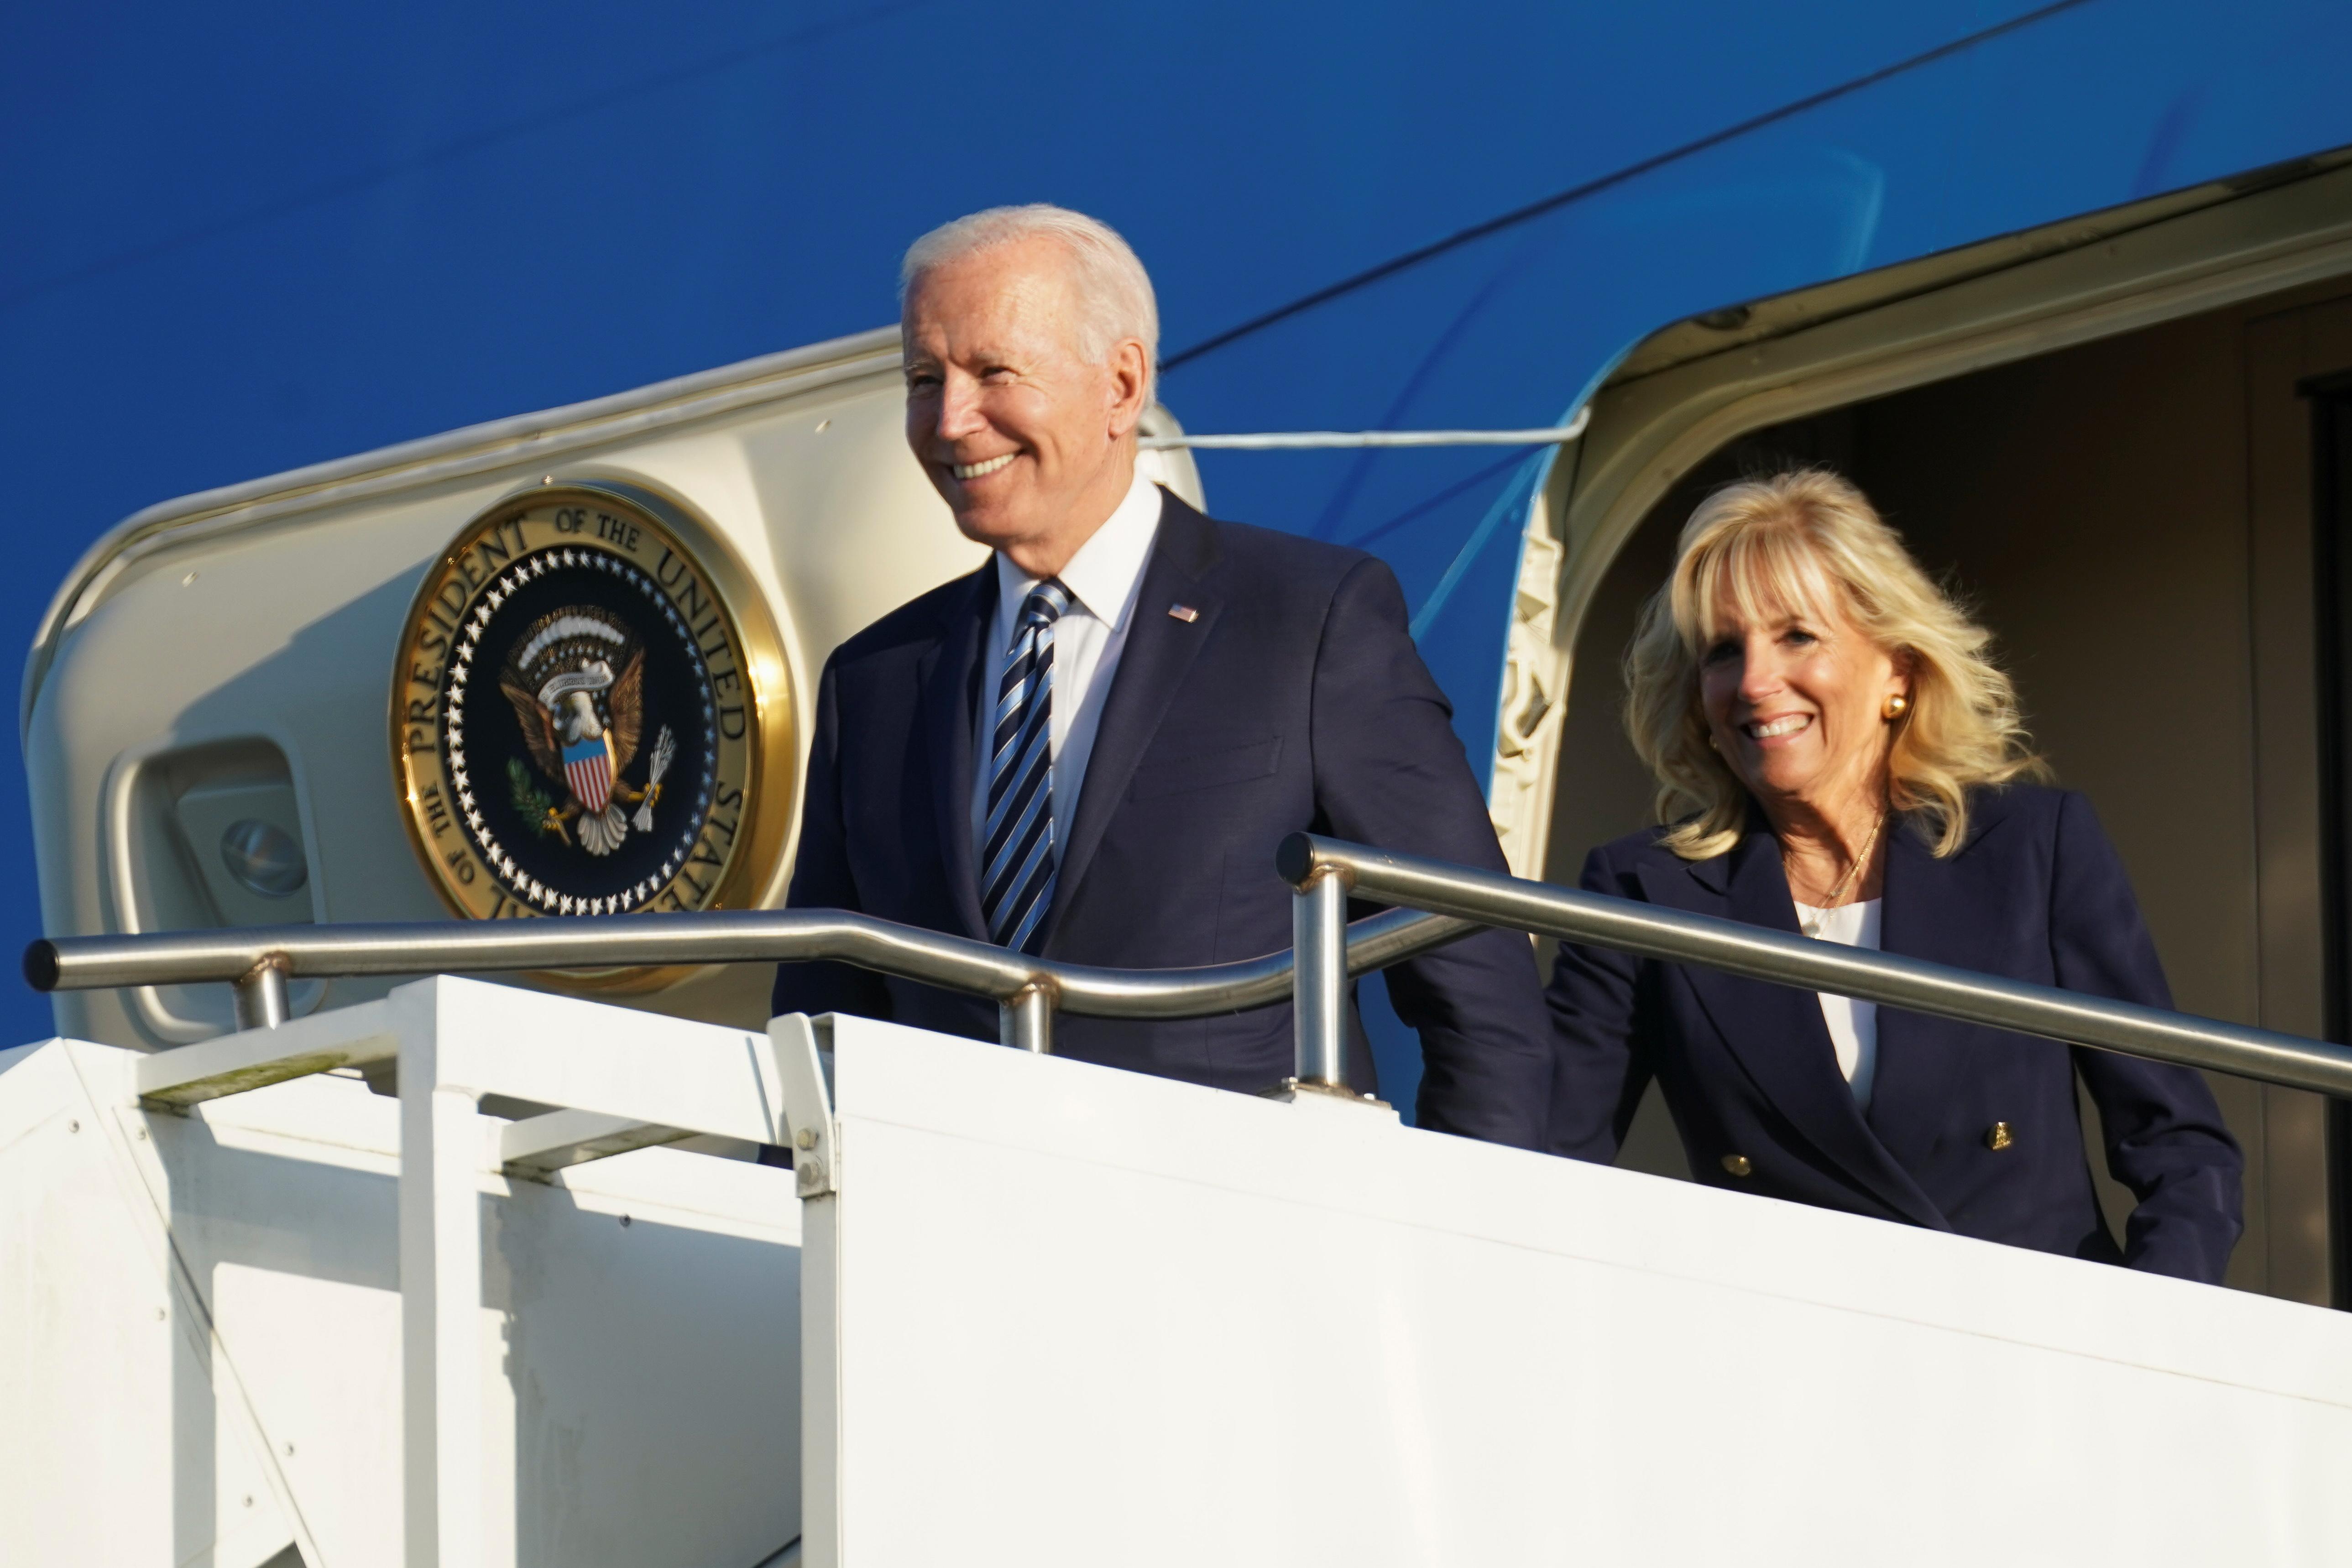 ASV prezidents Džo Baidens un pirmā lēdija Džila Baidena pēc nosēšanās RAF Mildenhall pirms G7 augstākā līmeņa sanāksmes netālu no Mildenhallas, Lielbritānijā, 9. gada 2021. jūnijā izkāpj no Gaisa kara spēkiem One. REUTERS / Kevin Lamarque